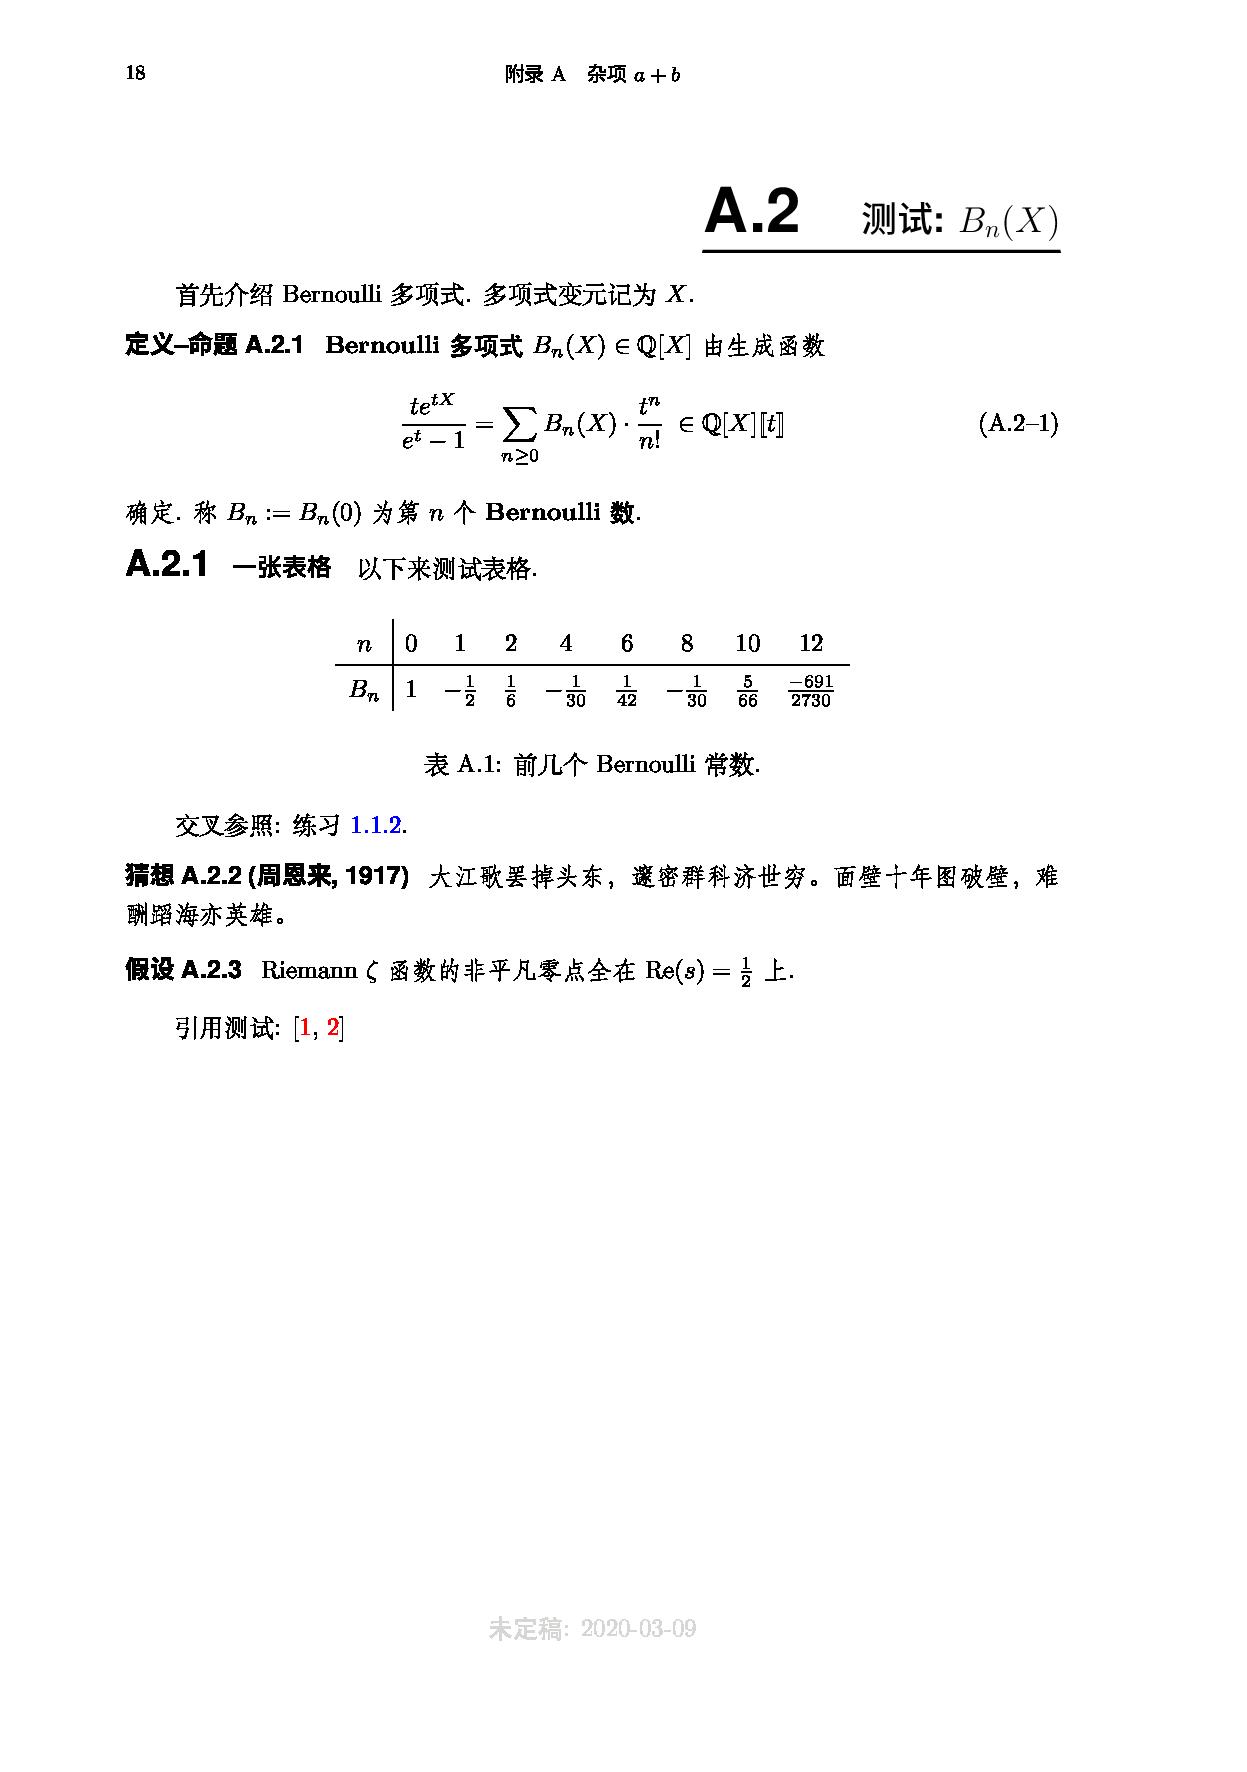 李文威老师代数学方法书籍模板 - 含完整 LaTeX 源码(高教出版)